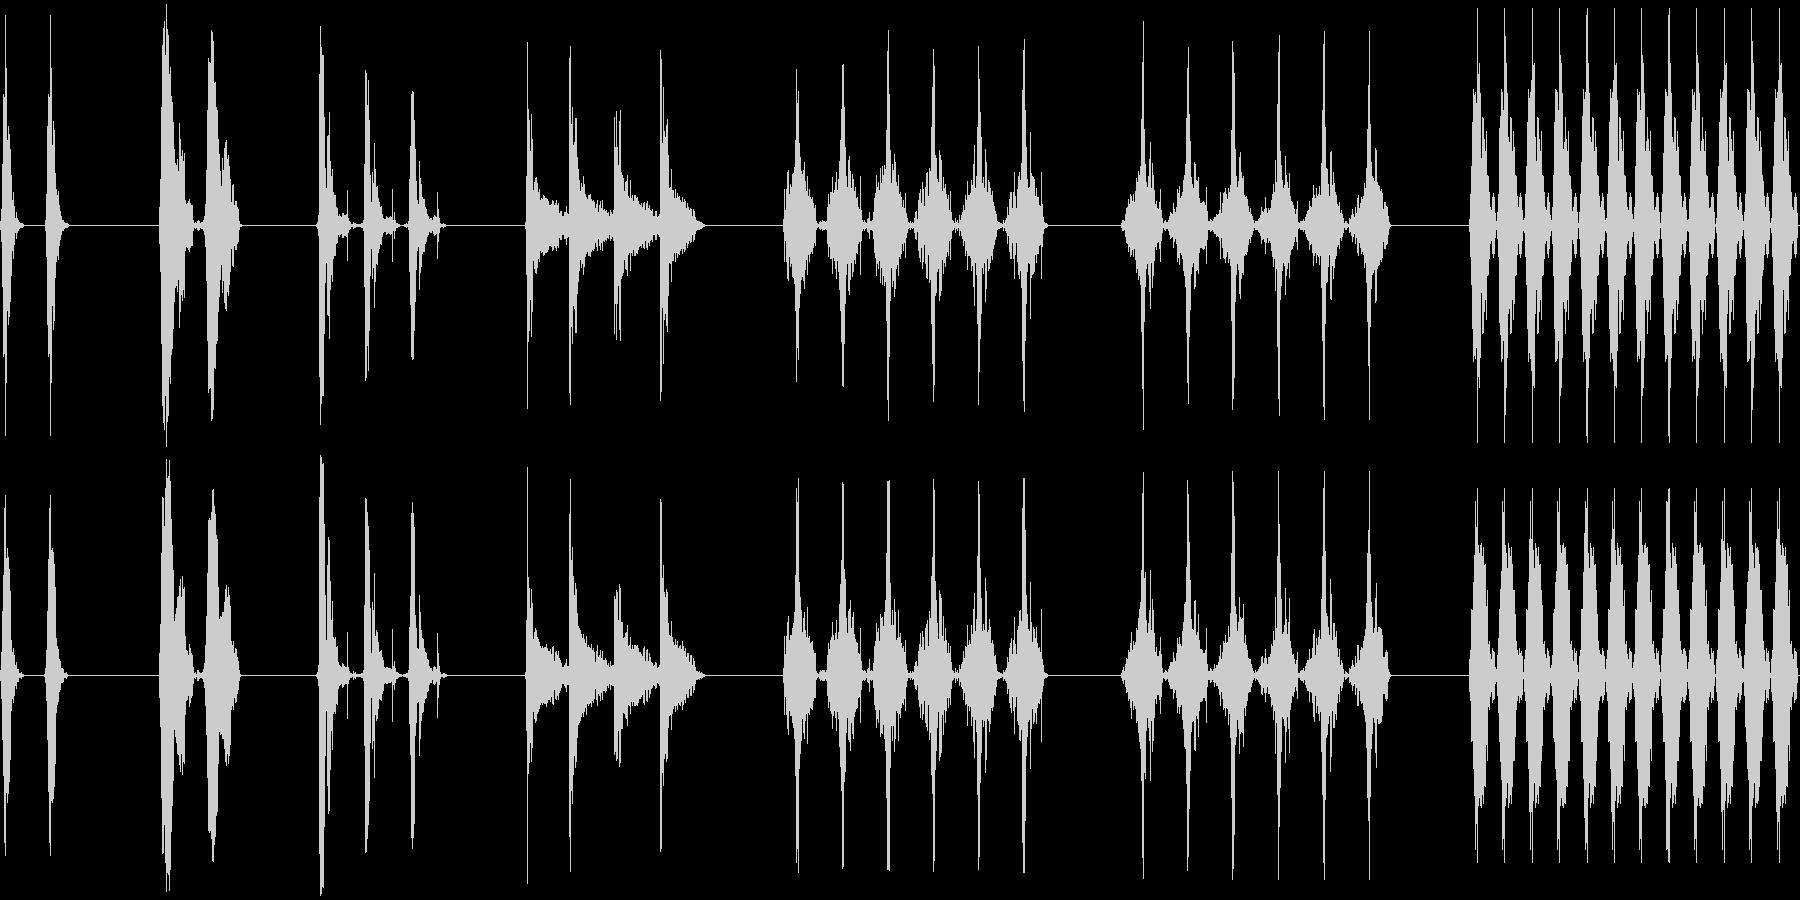 レーザー研磨、7バージョン、レーザ...の未再生の波形